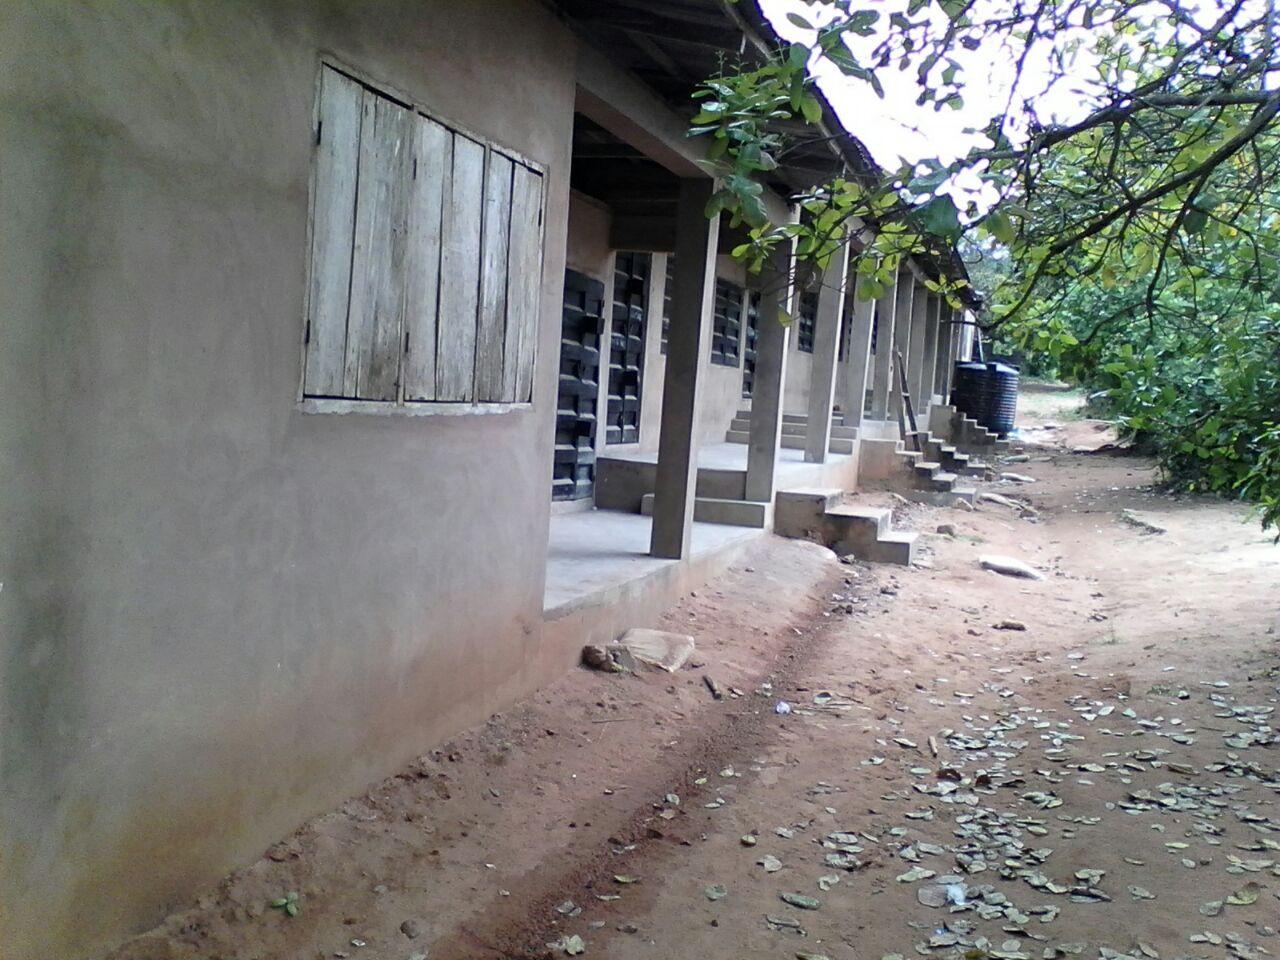 Der ganze Blick auf den Klassenraumtrakt. Die Bäume rechts sind übrigens alles  Schattenspendende Cashew-Bäume.